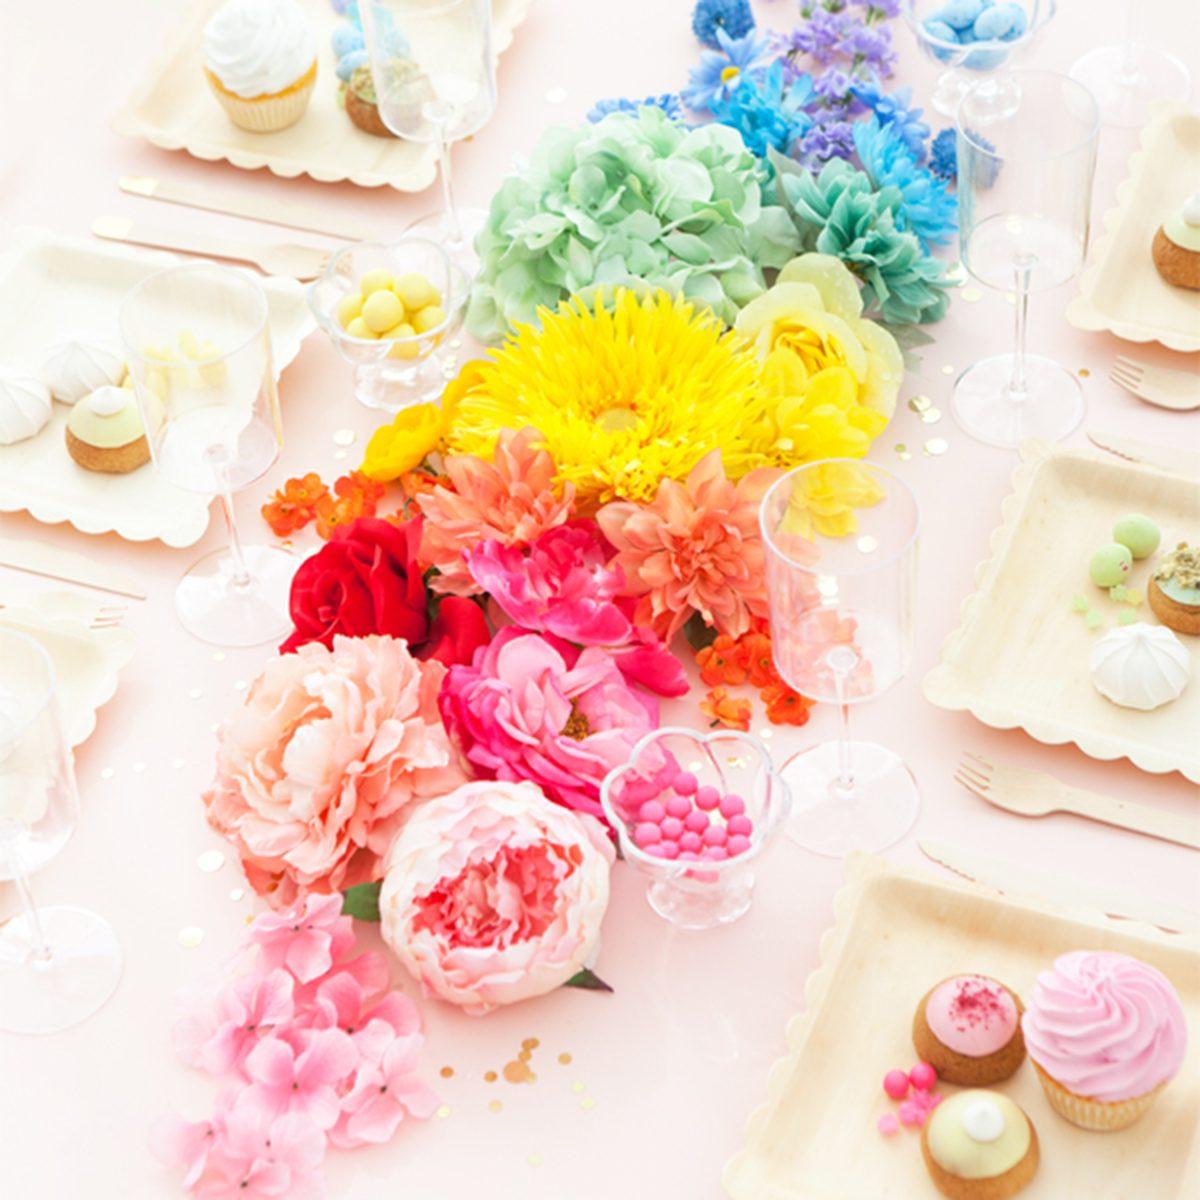 12 crafty ideas for